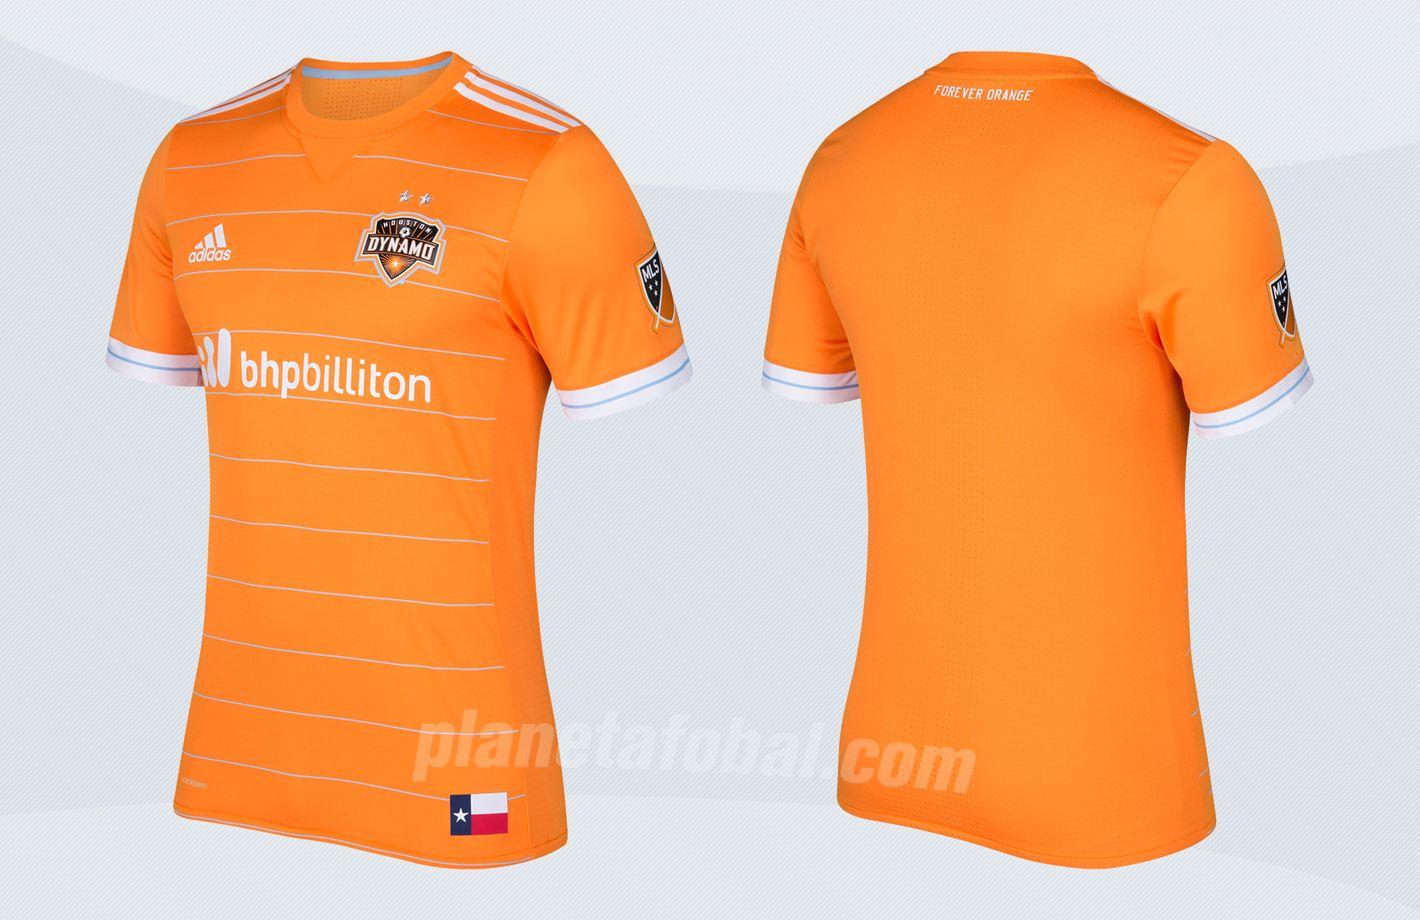 Nueva camiseta del Houston Dynamo | Imágenes Tienda Oficial